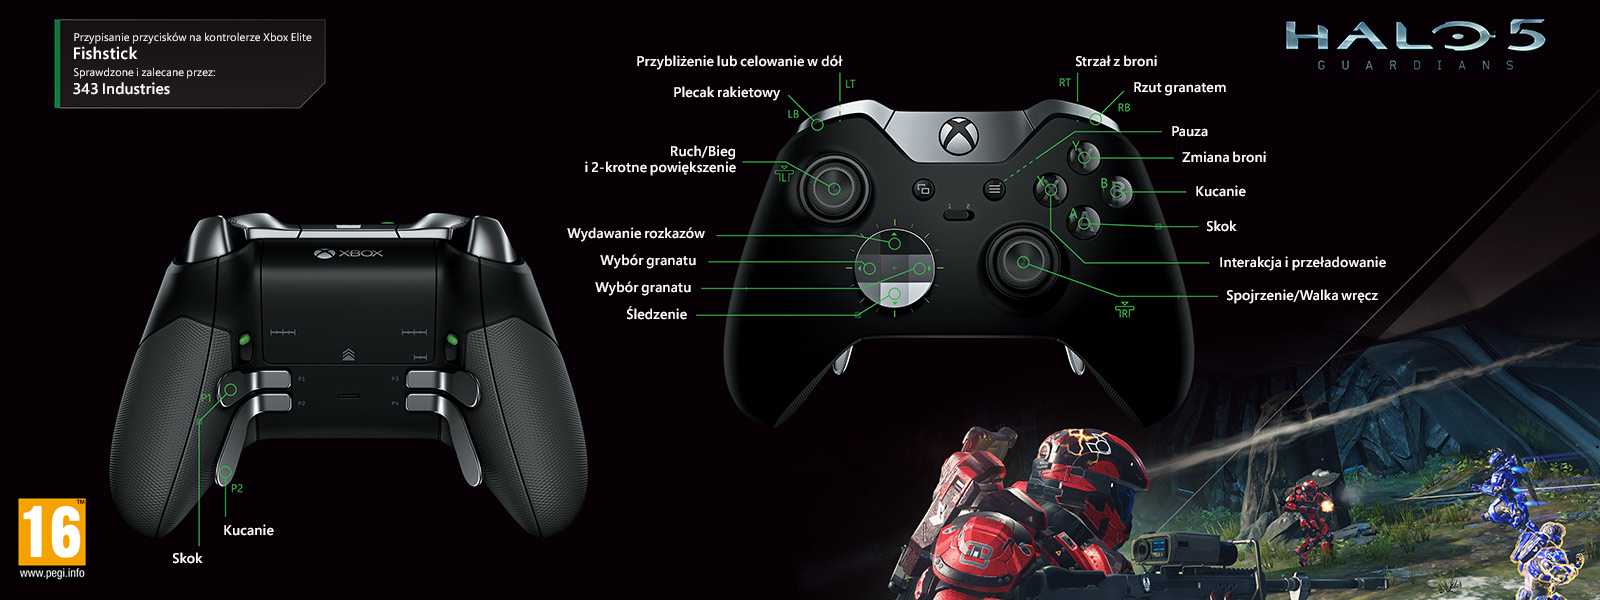 Halo 5 – mapowanie Elite pod kątem trybu Fishstick